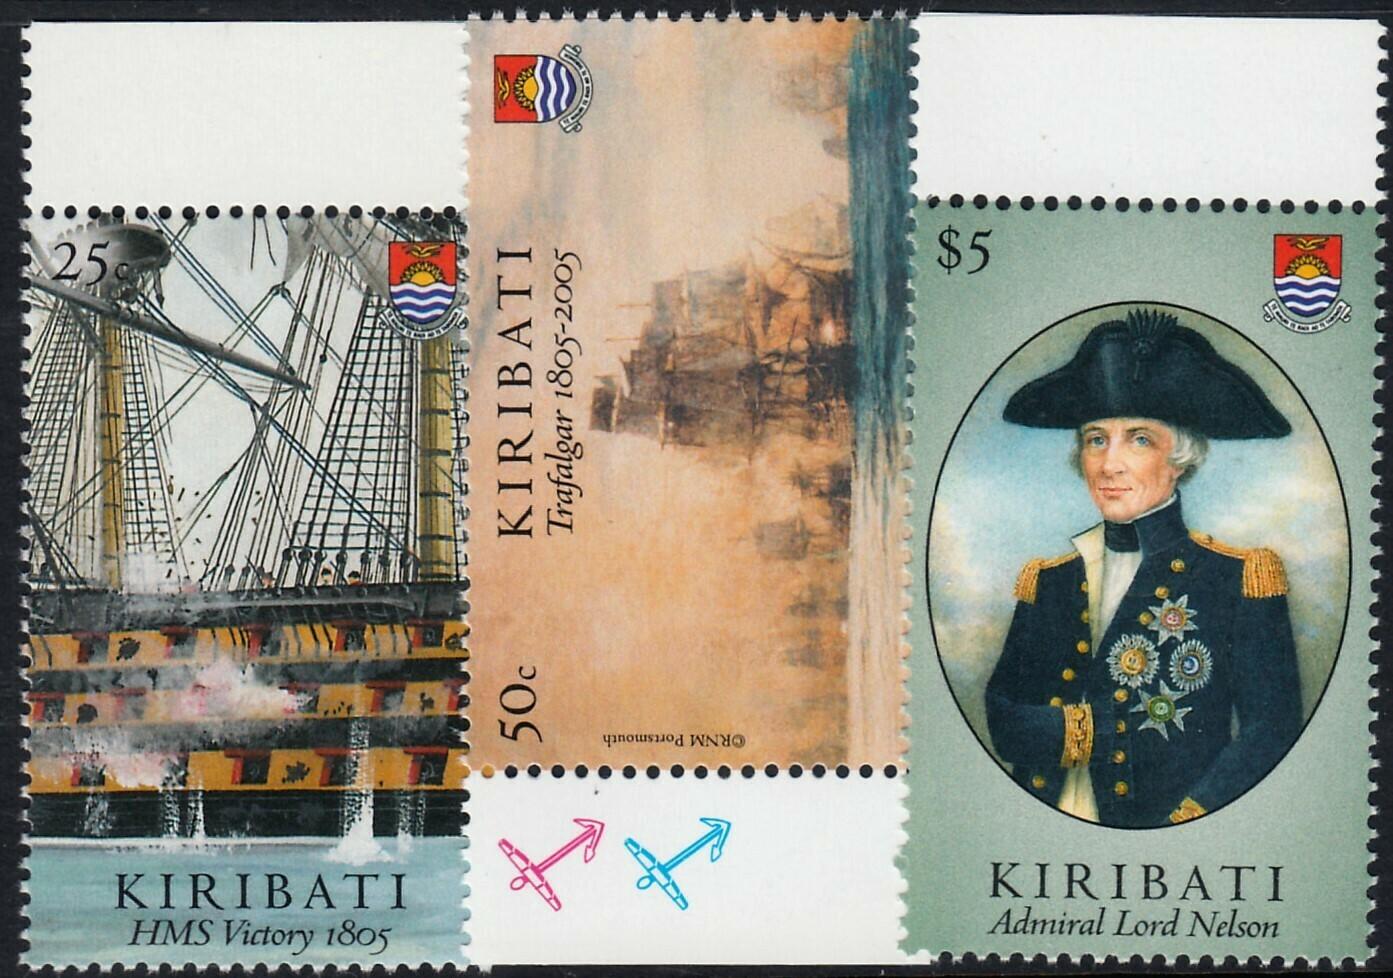 Kiribati 2005 Bicentenary of Battle of Trafalgar (2nd Series) Set Marginal MUH